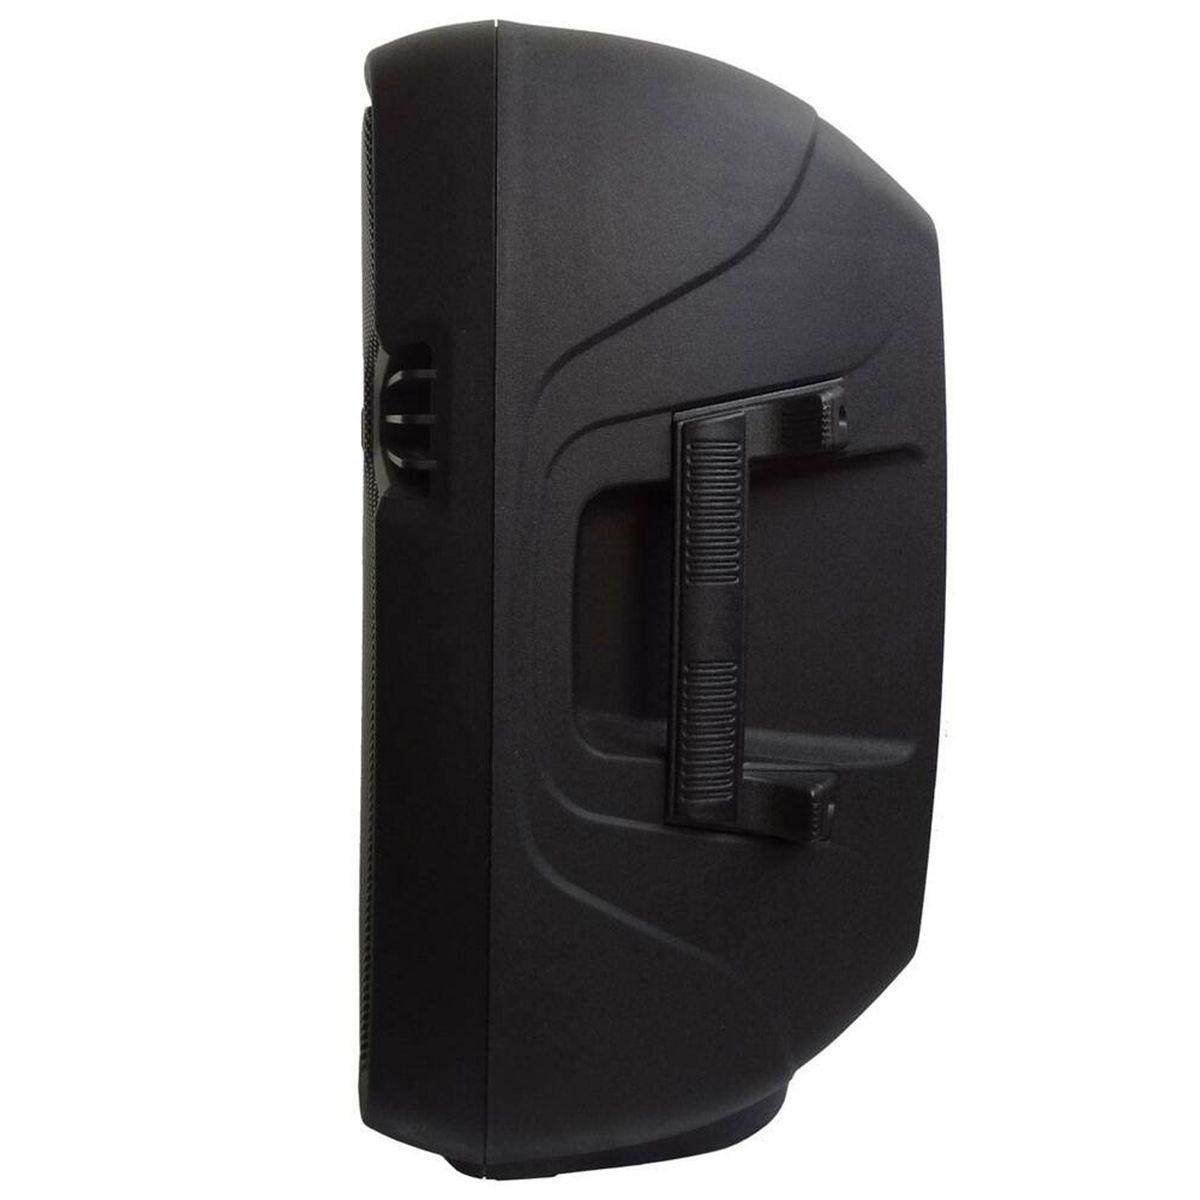 Caixa Acústica Ativa WLS J15 Pro 330W Bluetooth/ USB